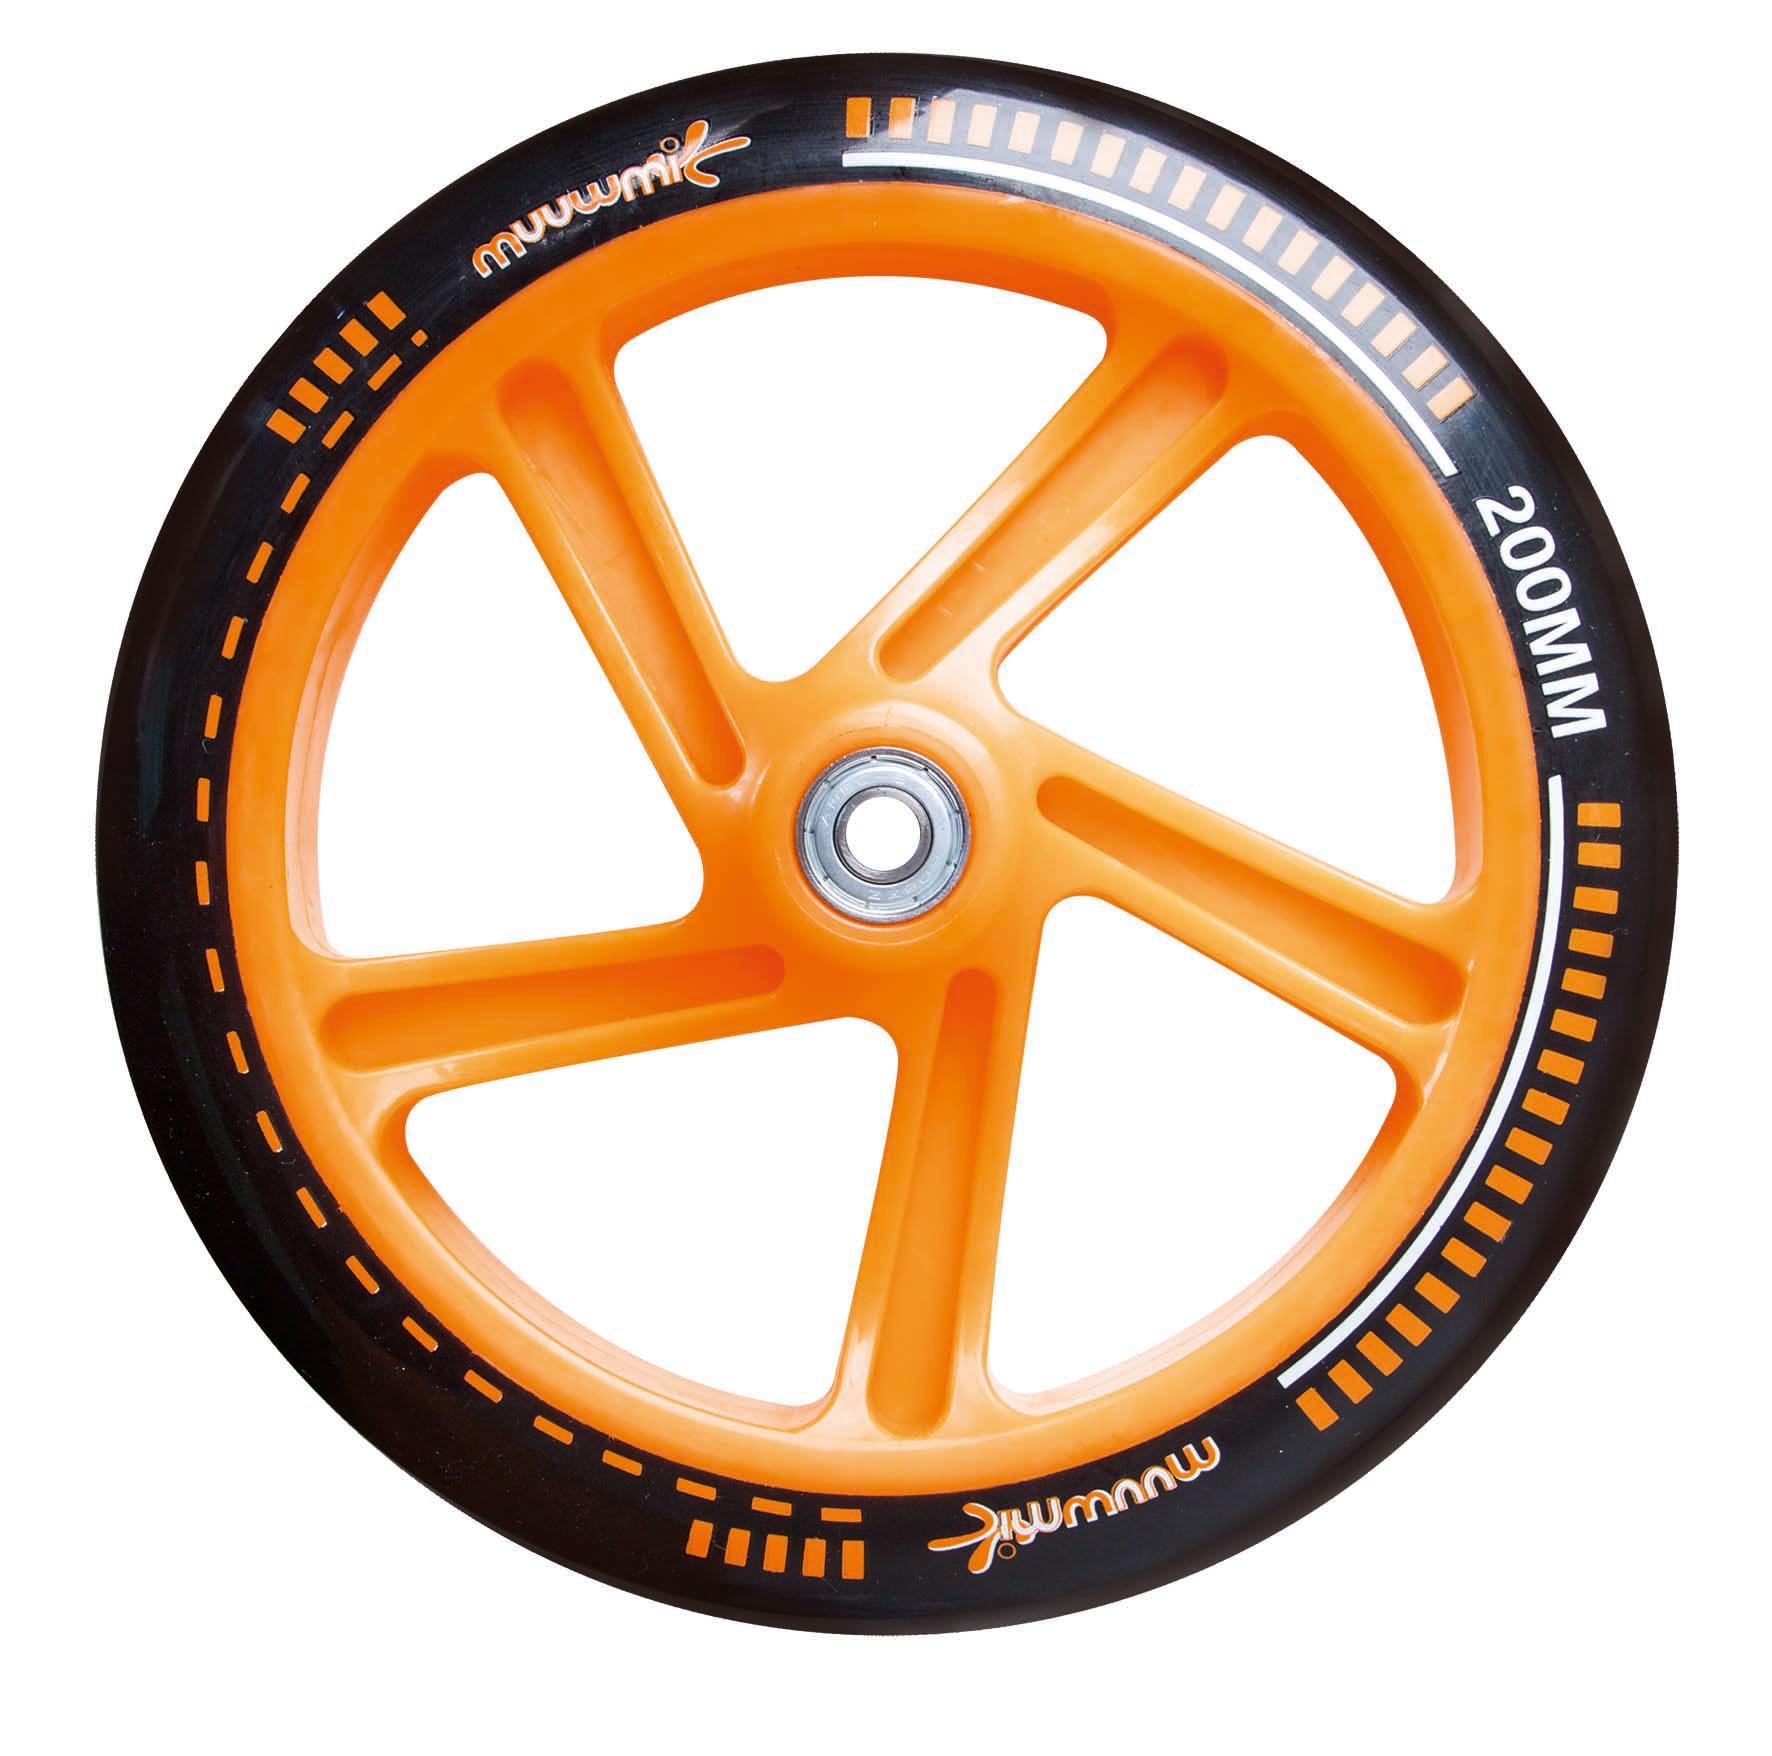 Alu Scooter / Cityroller Muuwmi 200mm schwarz-orange Bild 4